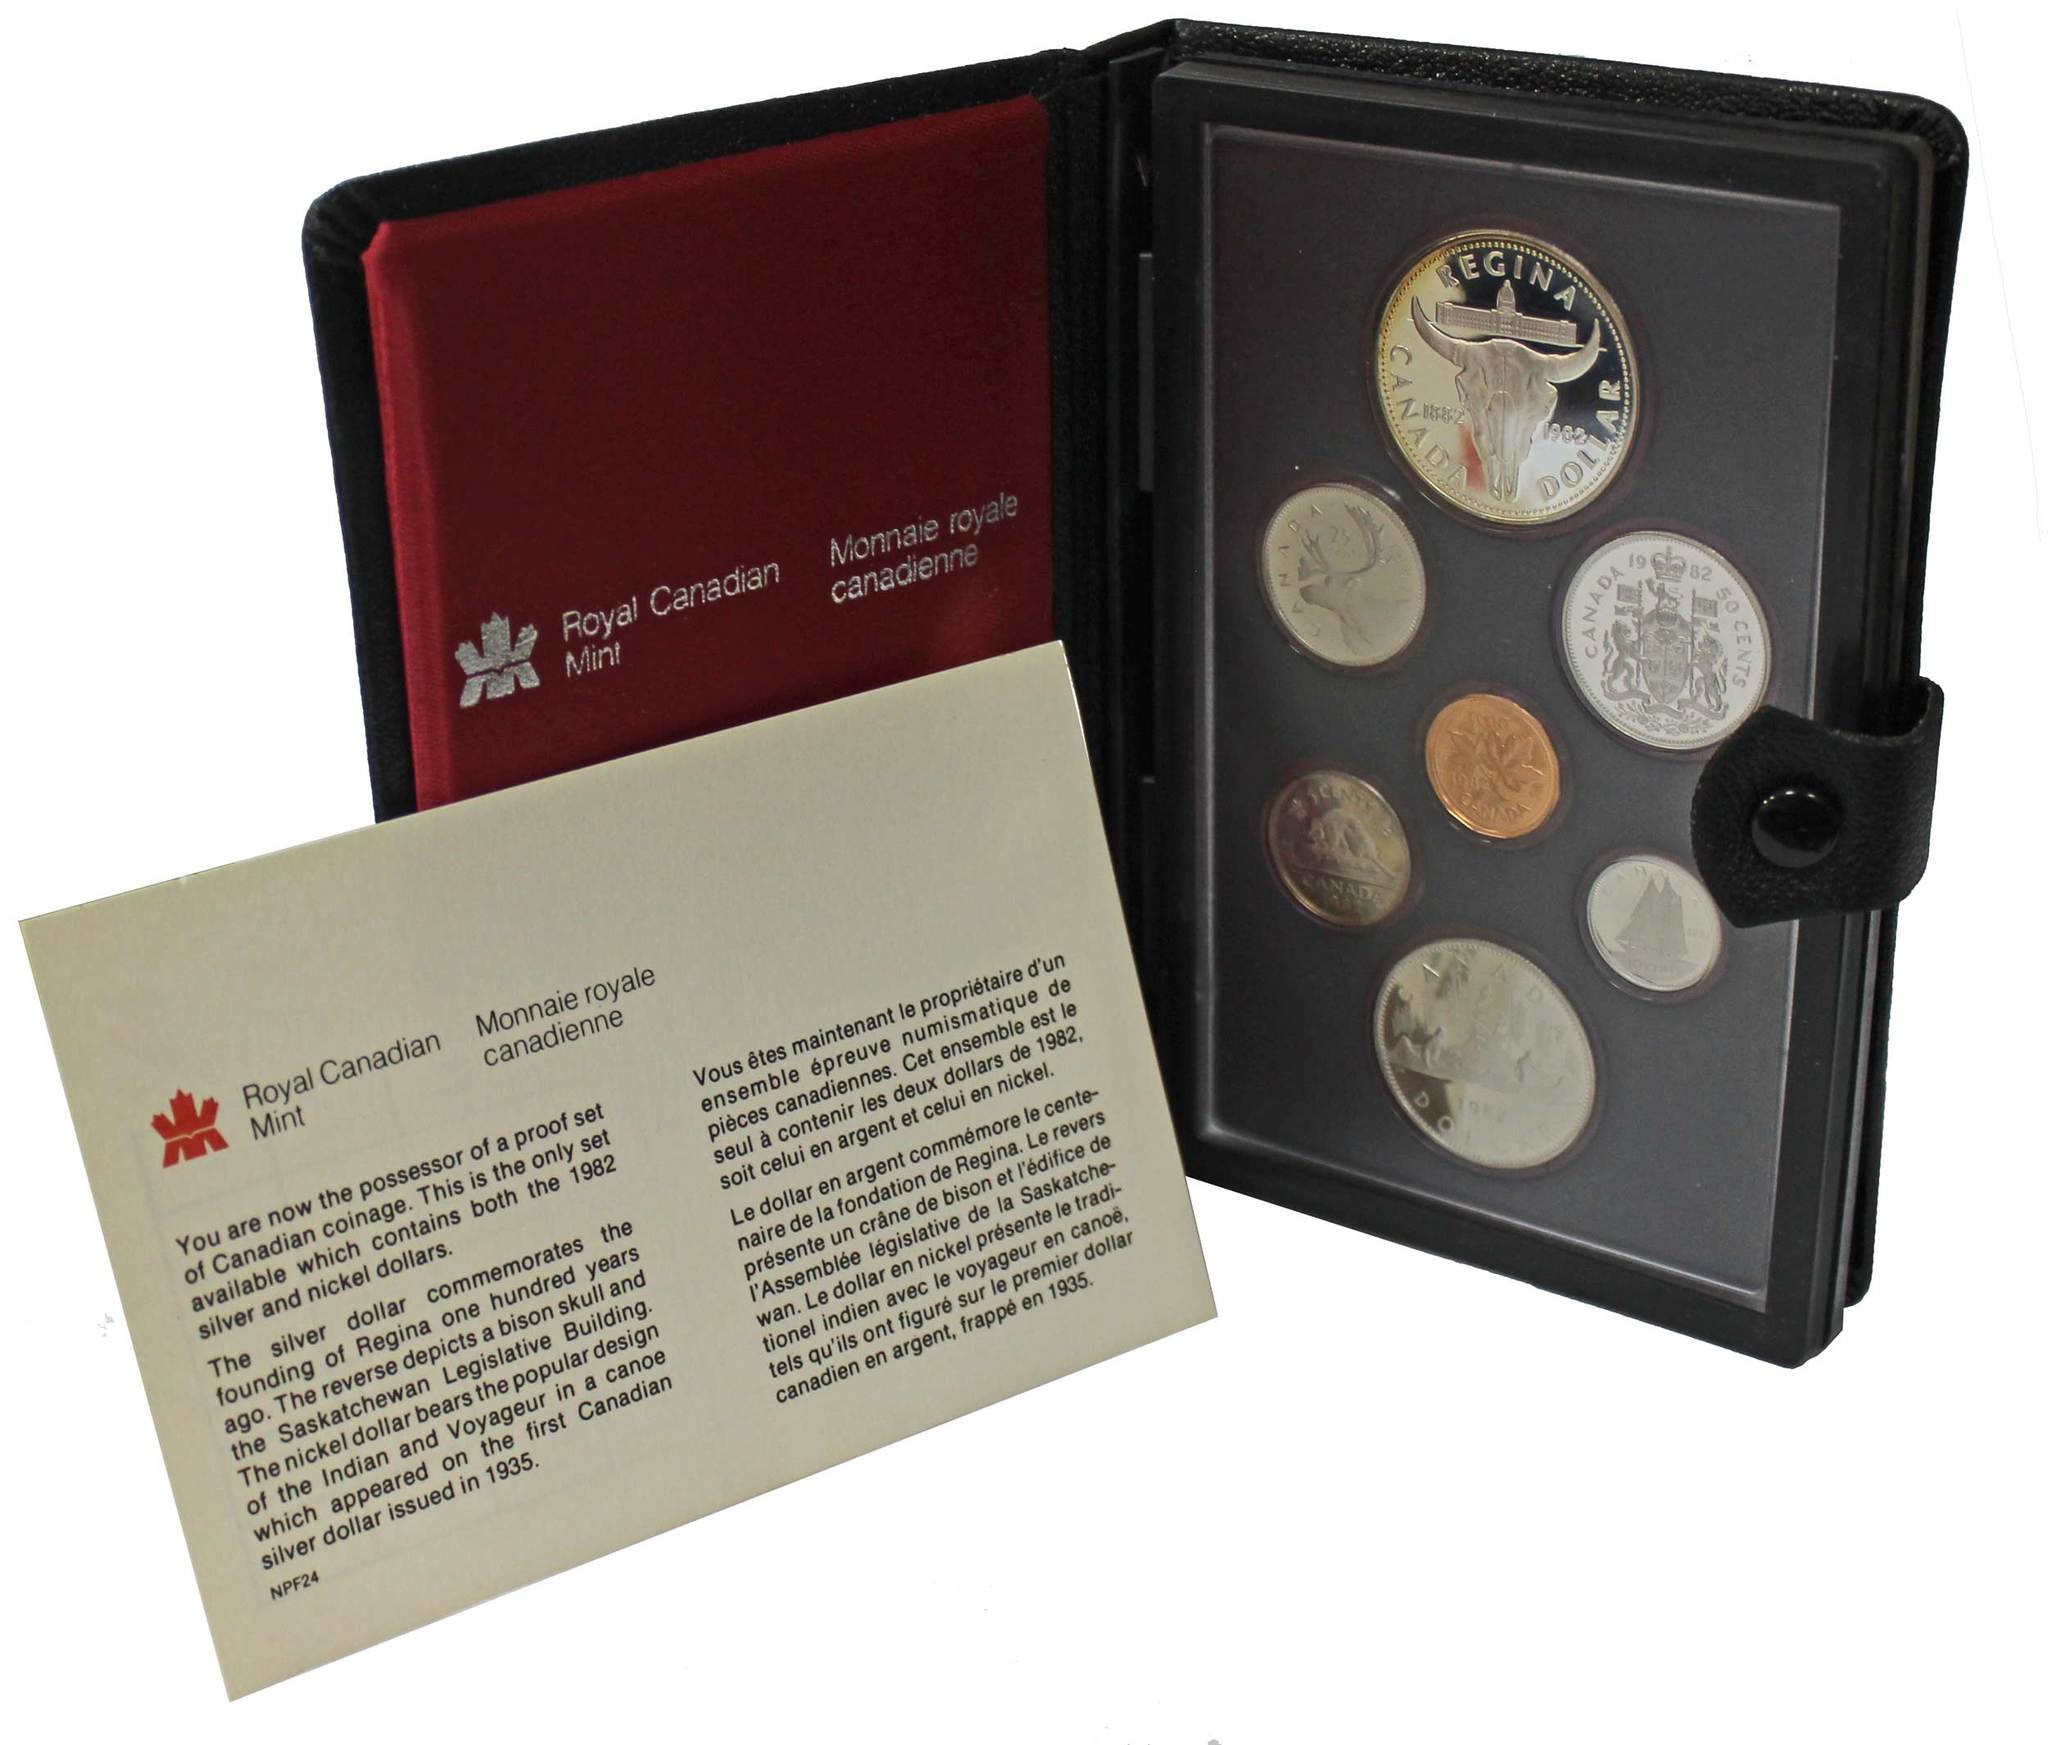 Набор монет Канады 1982 год, в кожаном футляре (Серебро, никель, бронза). PROOF